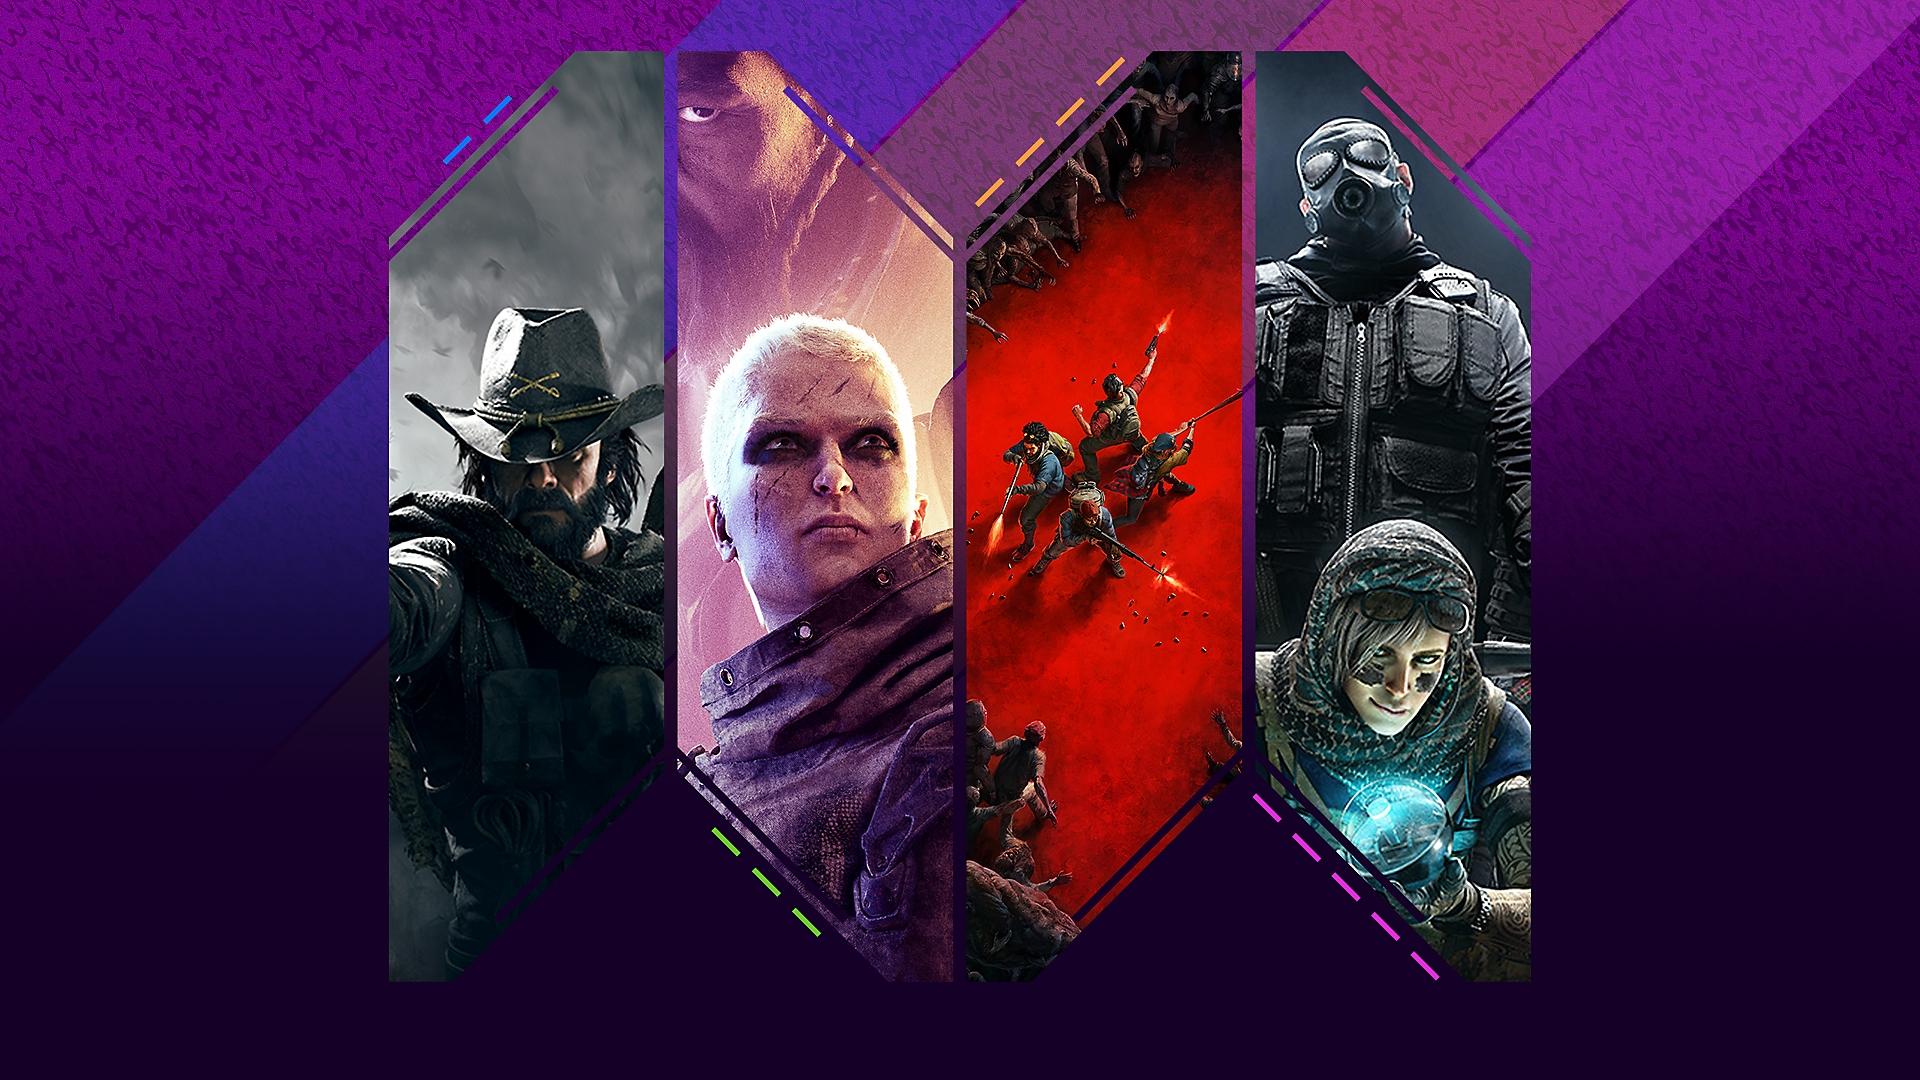 Arte promocional de Los mejores shooters de equipos en PS4 y PS5